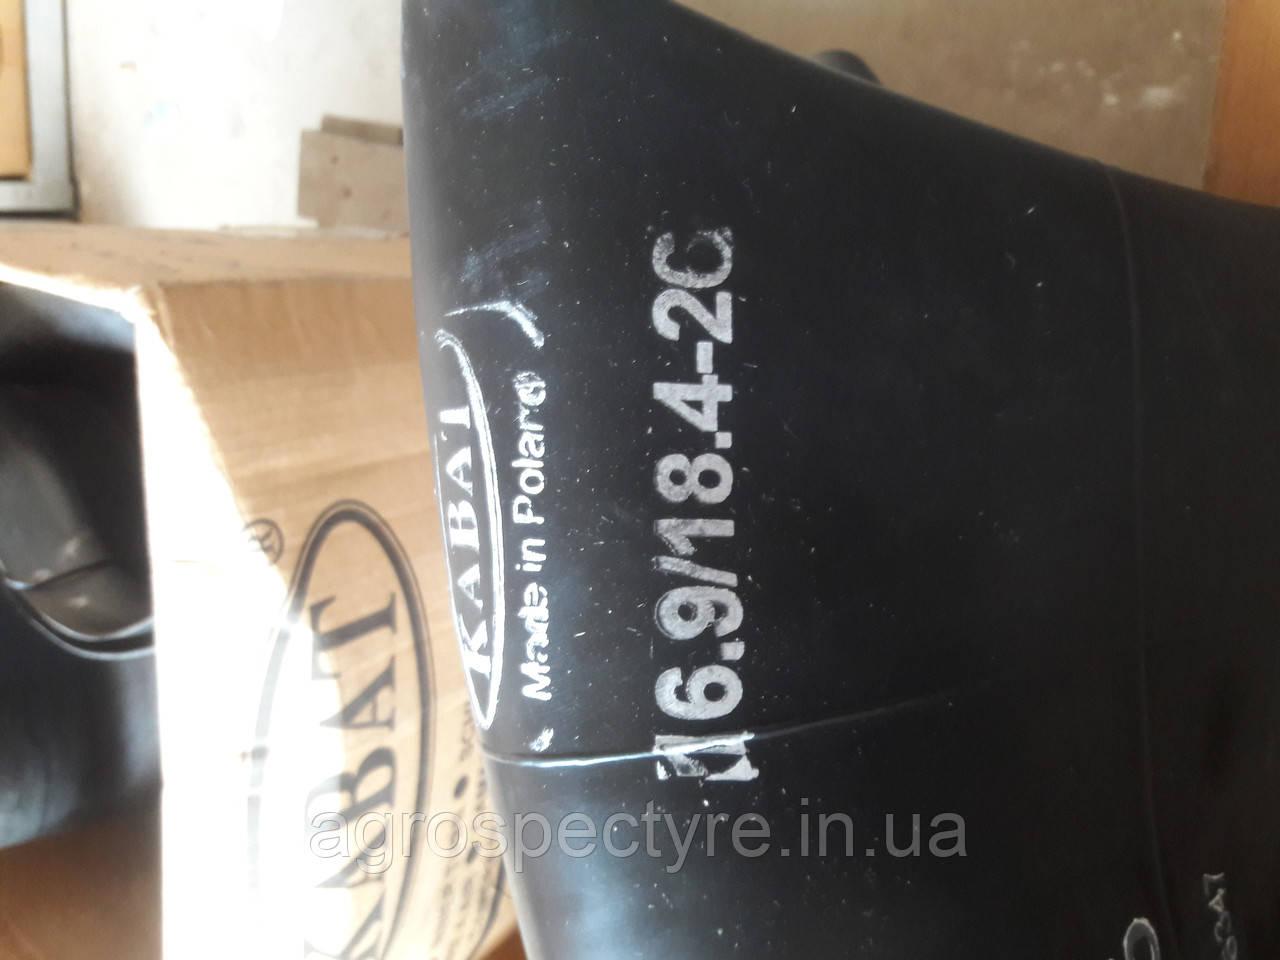 Камера 16.9/18.4-26 TR - 218A KABAT для погрузчика